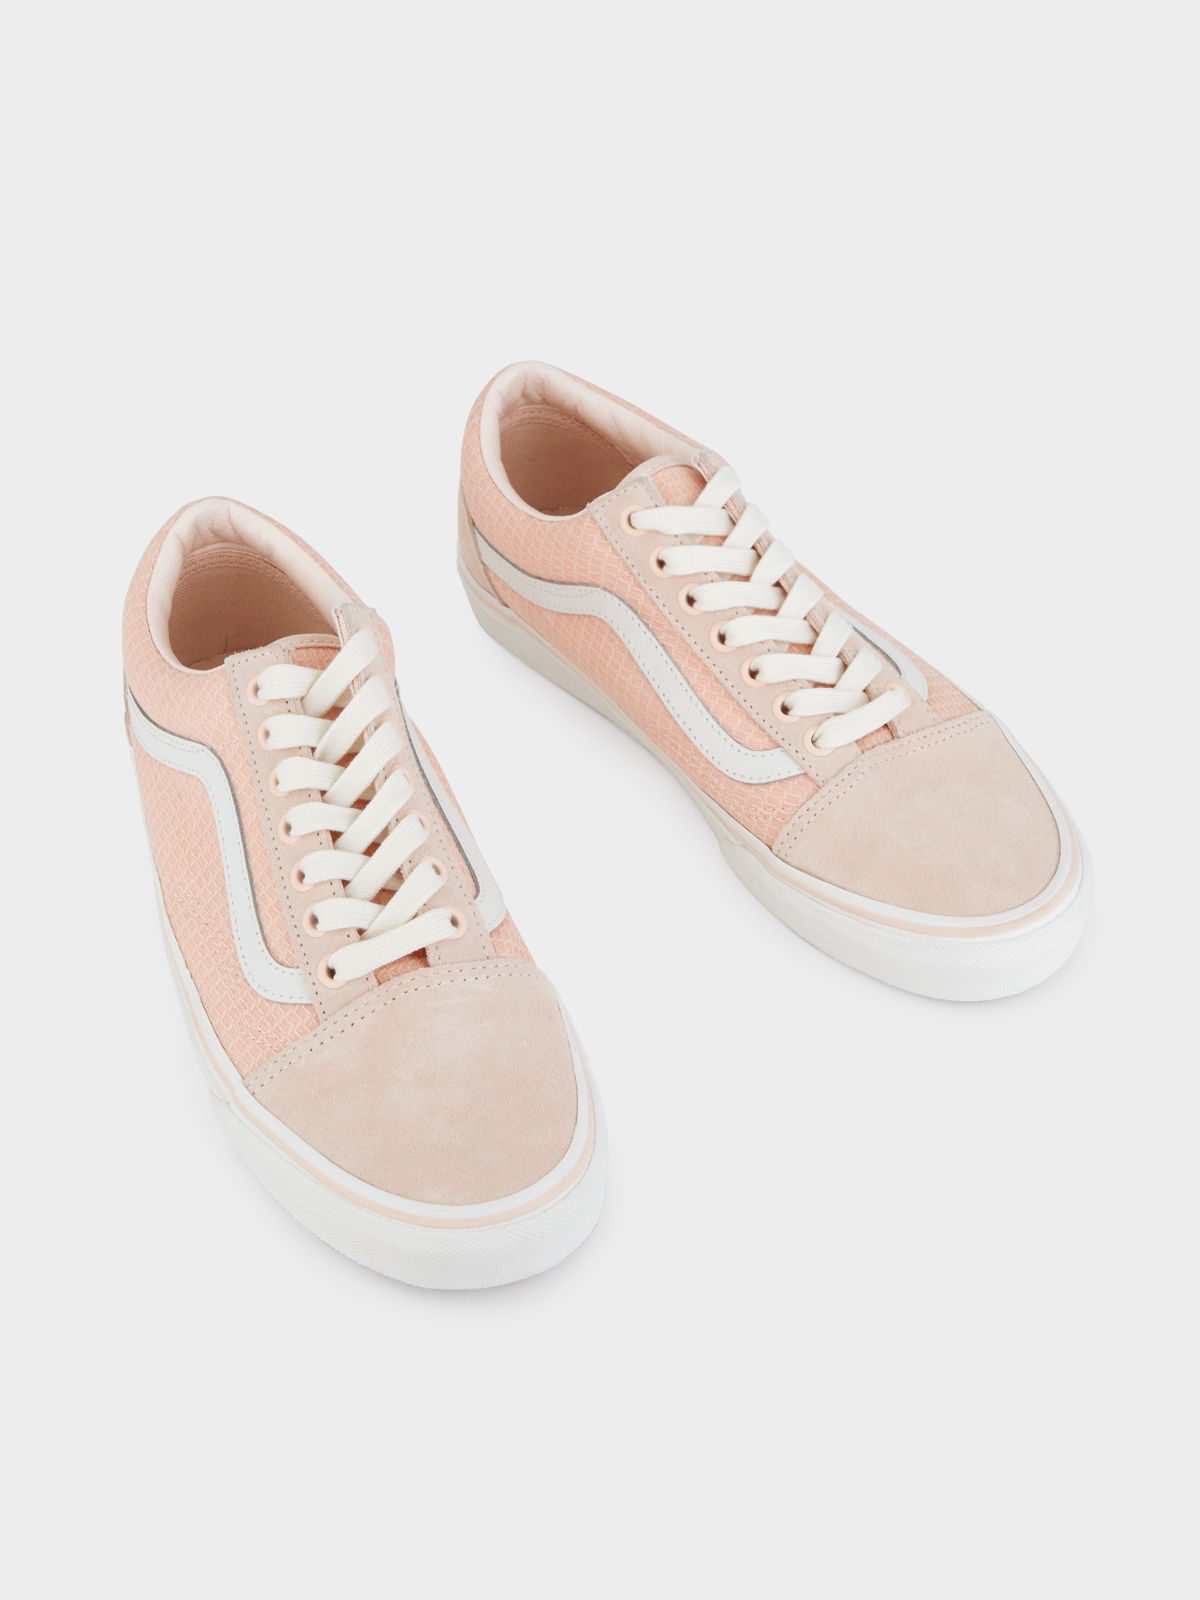 Vans UA Old Skool Multi Woven Sneakers Pink